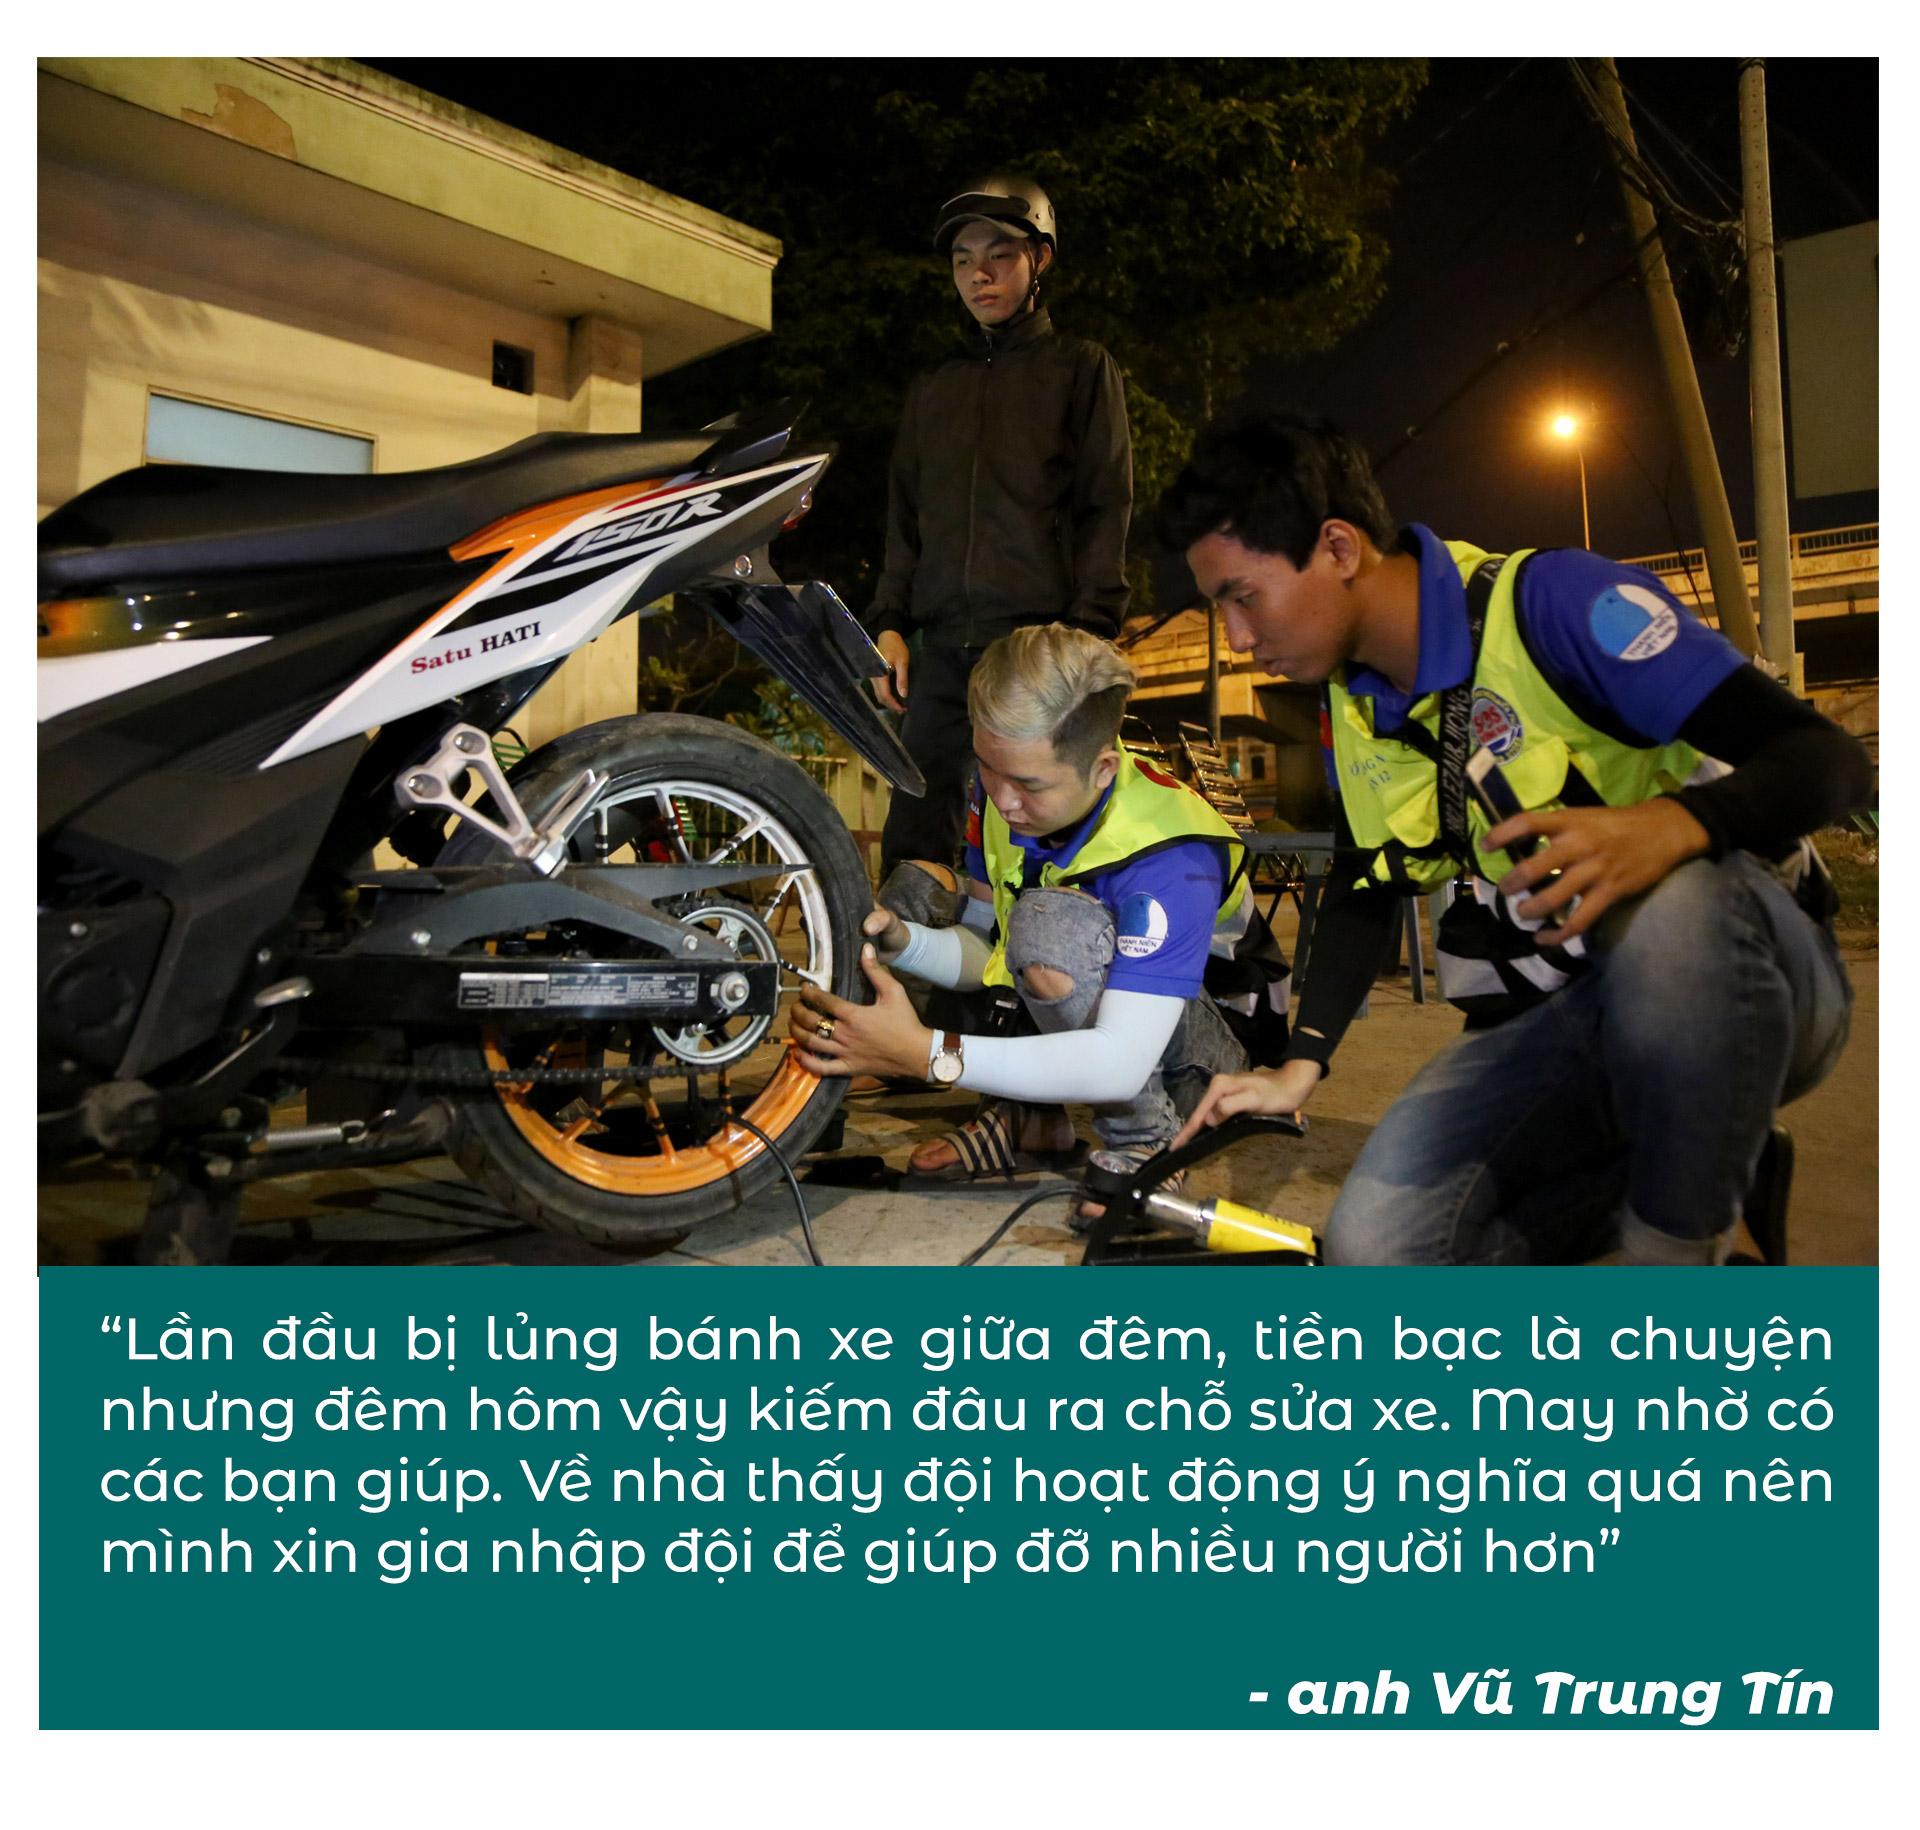 Biệt đội cứu hộ xuyên đêm miễn phí ở Sài Gòn - ảnh 3